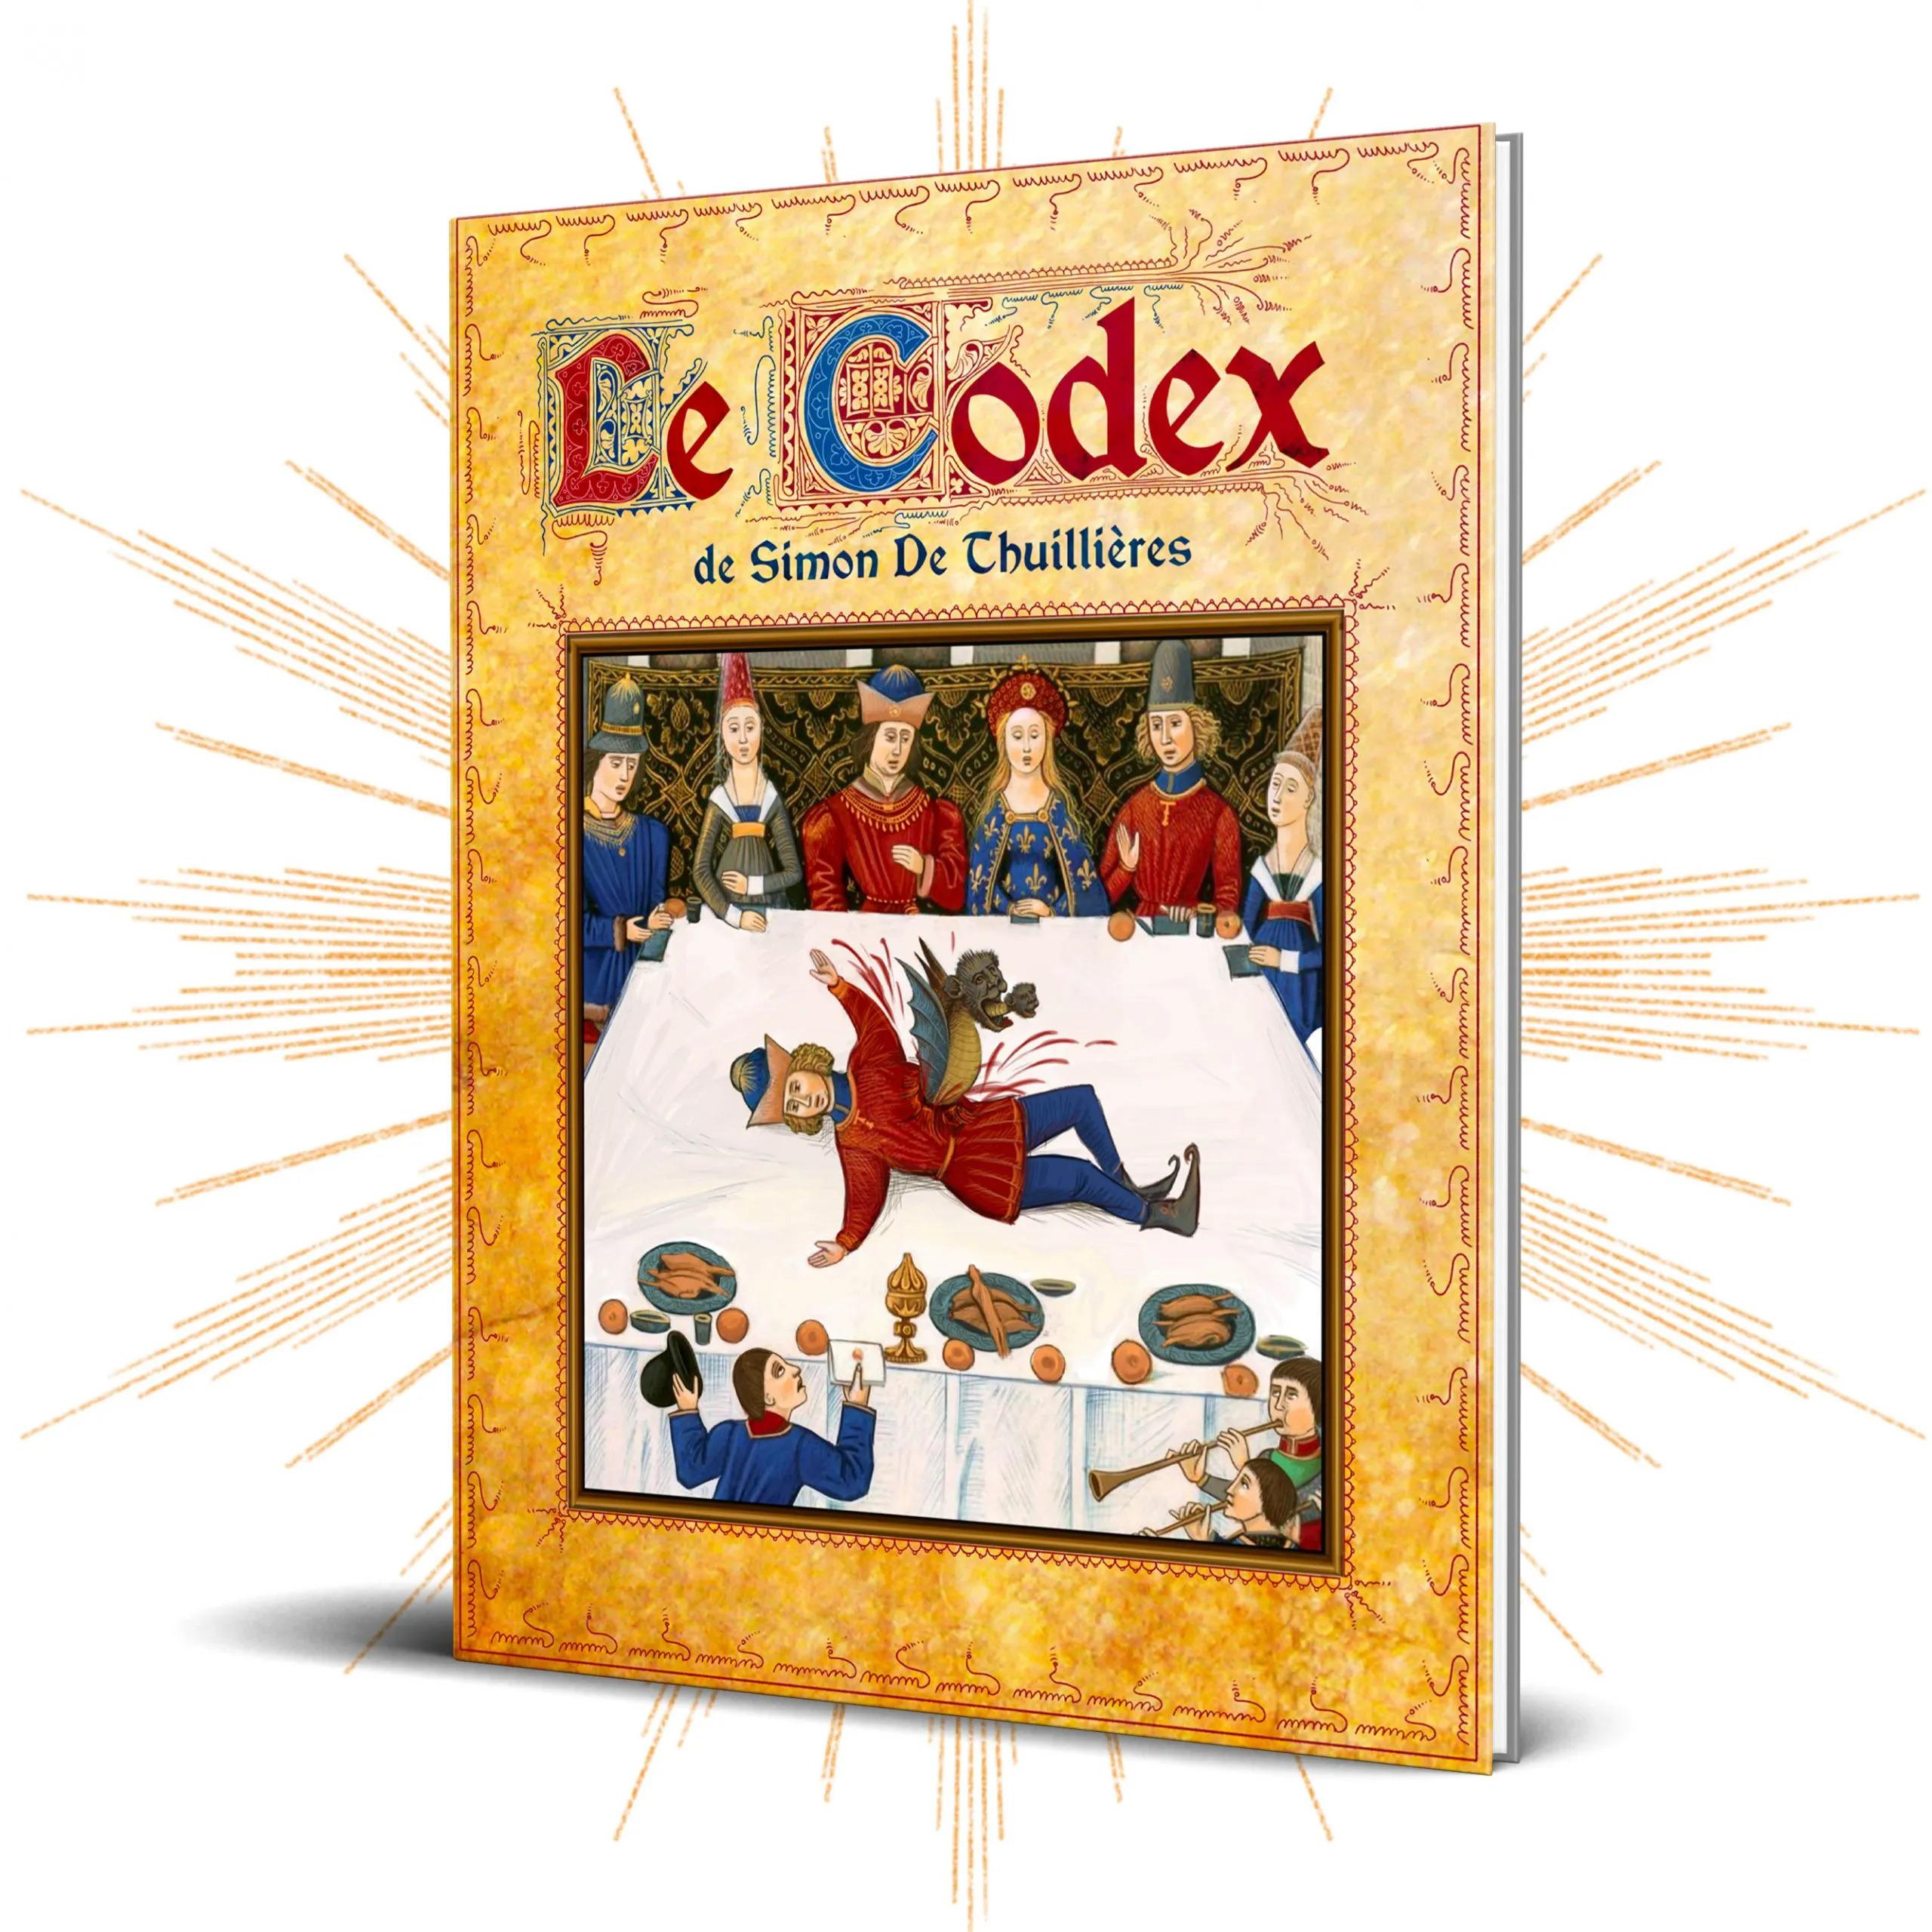 Le Codex de Simon de Thuillières